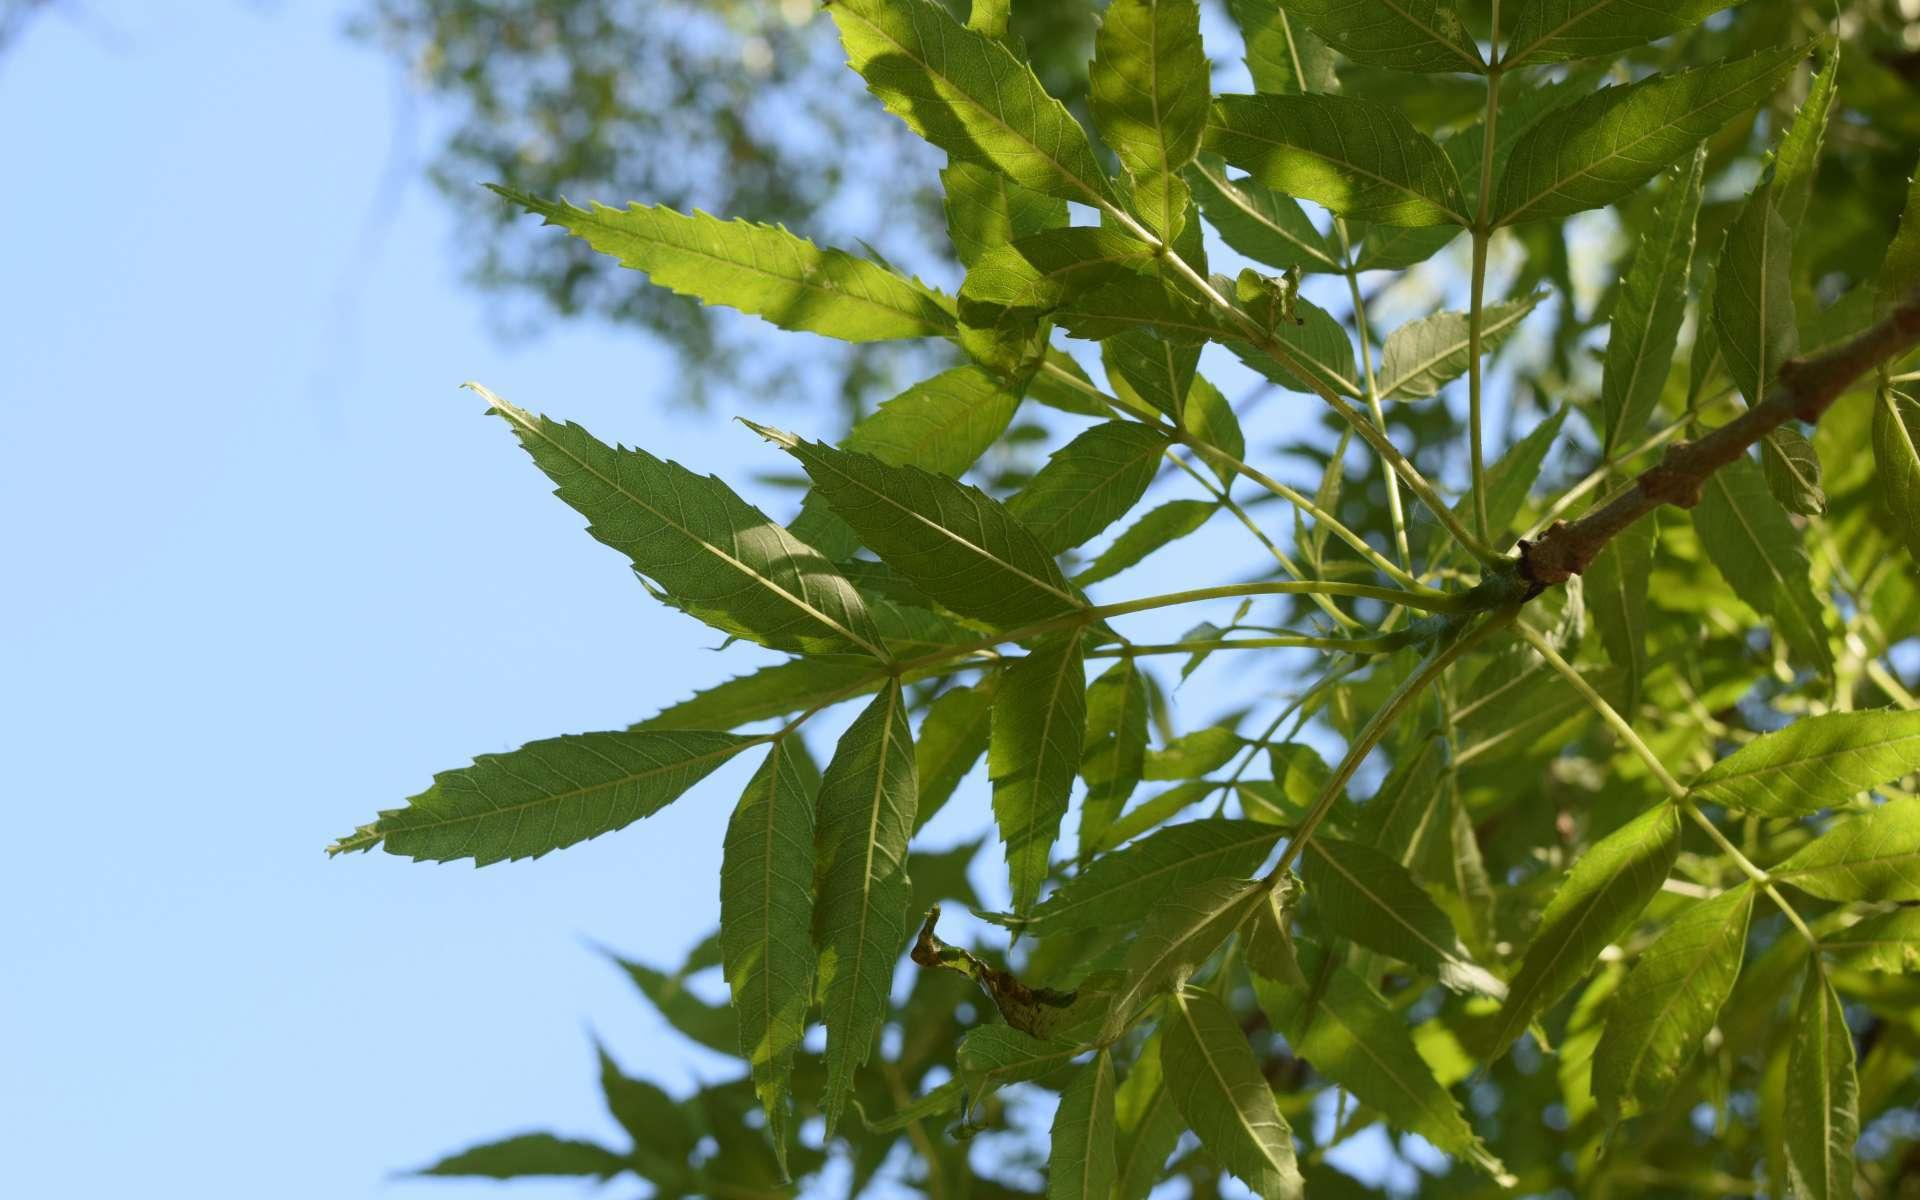 Frêne à feuilles étroites (Crédits : Sabine Meneut)